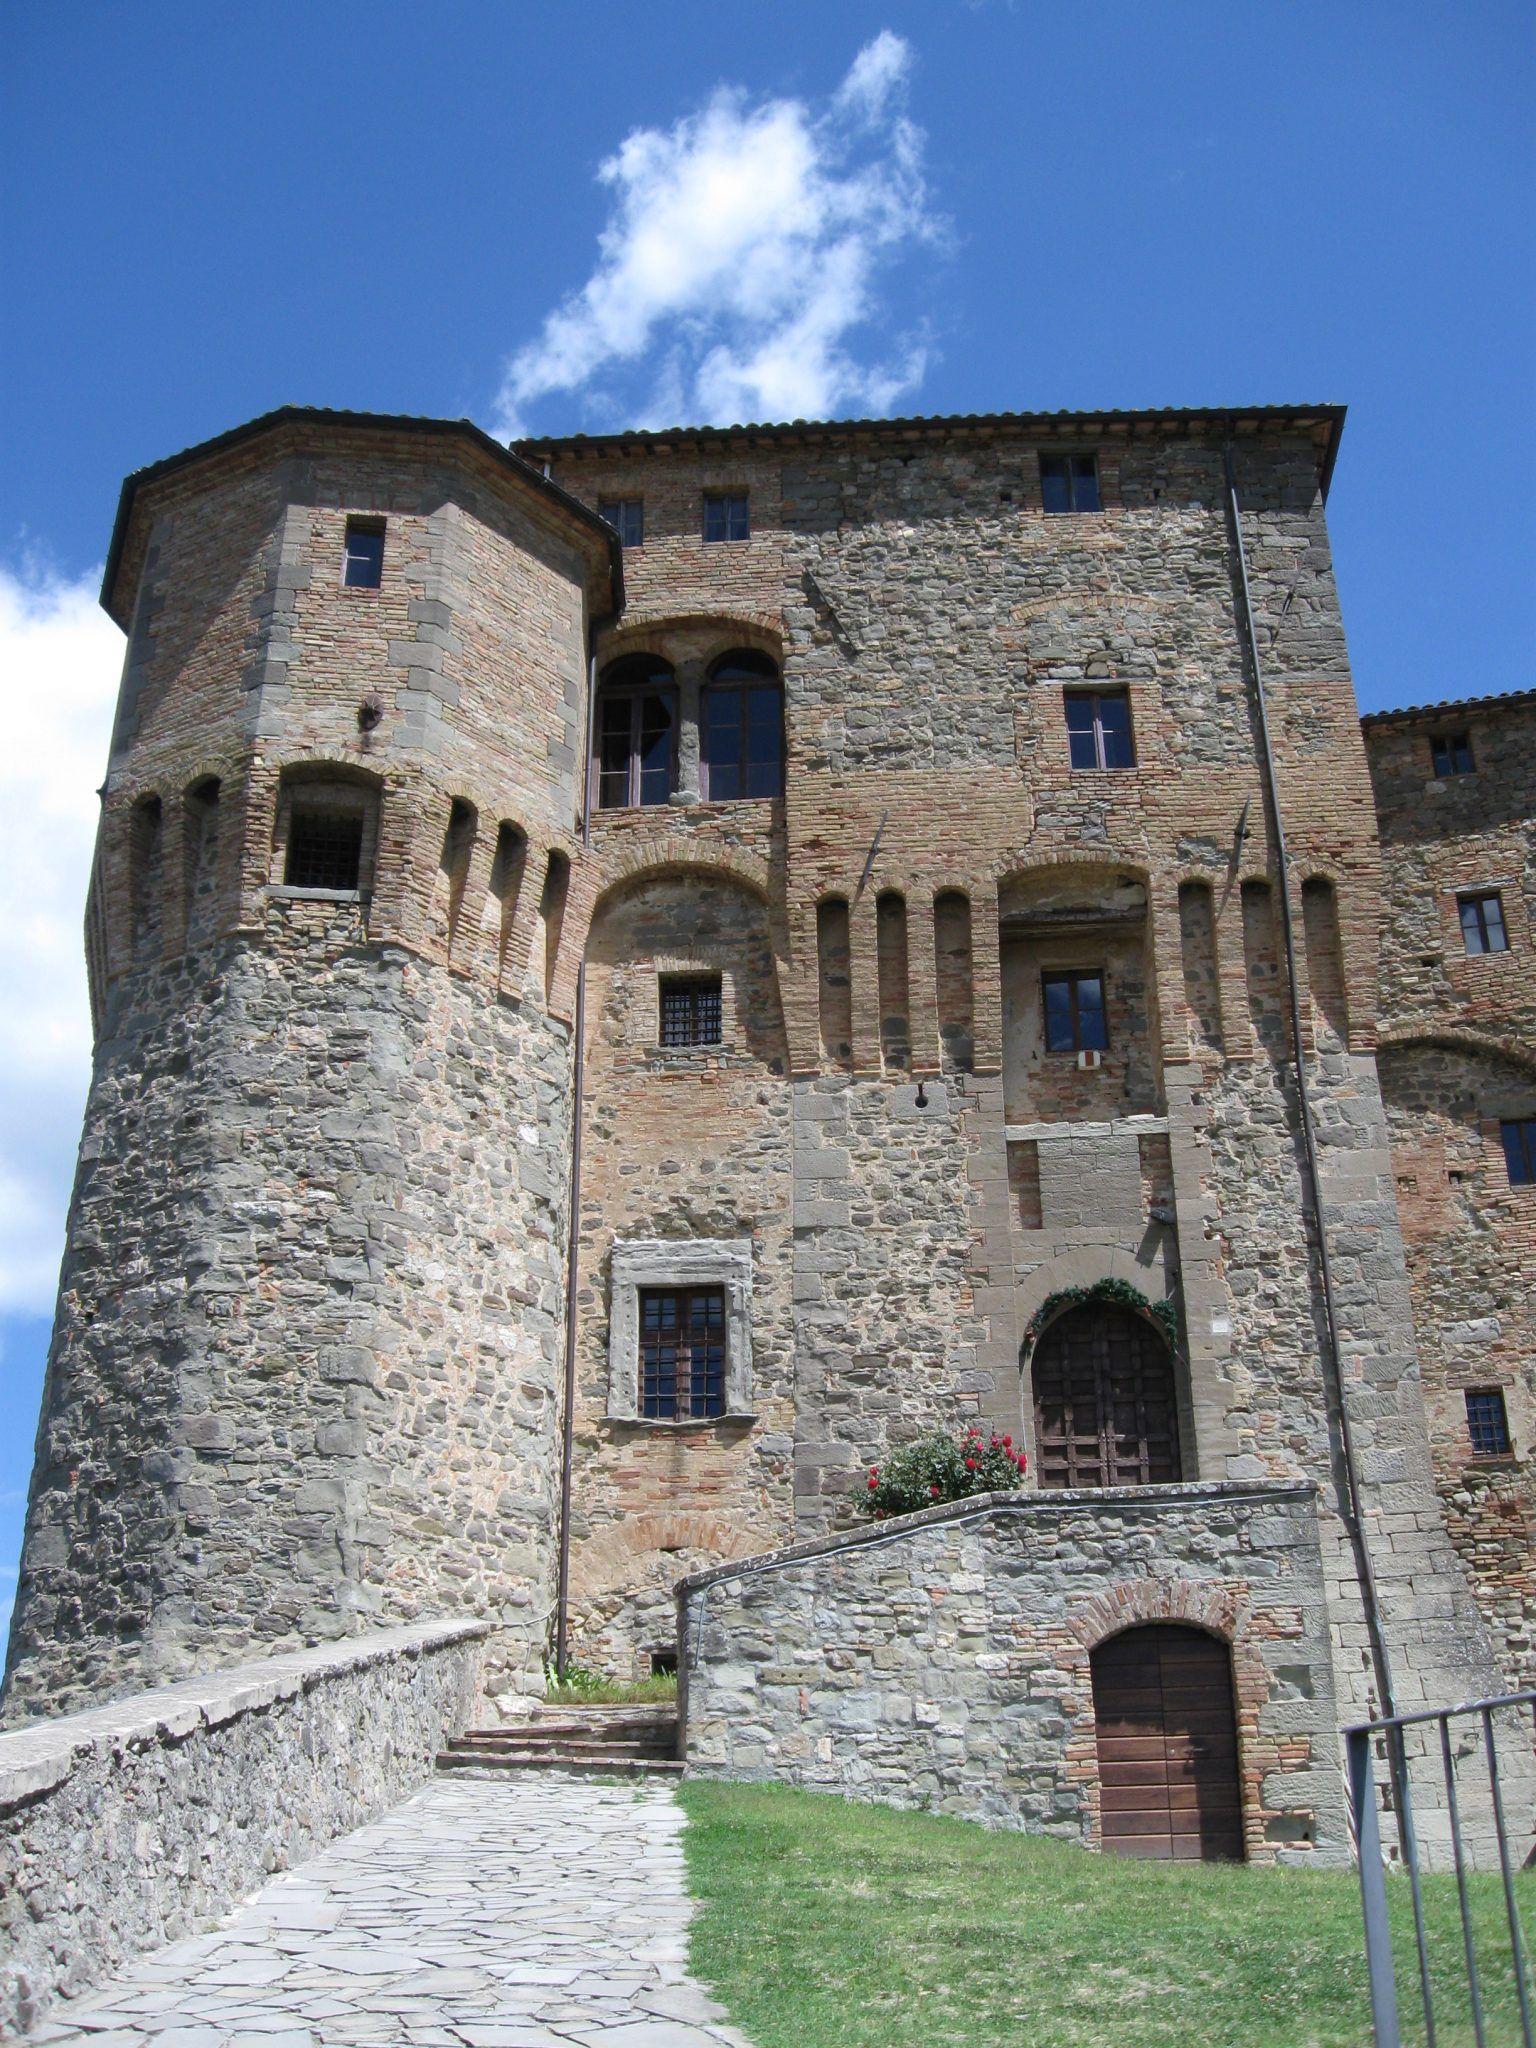 Sant'Agata Feltria Castelli, Torre, Cattedrali